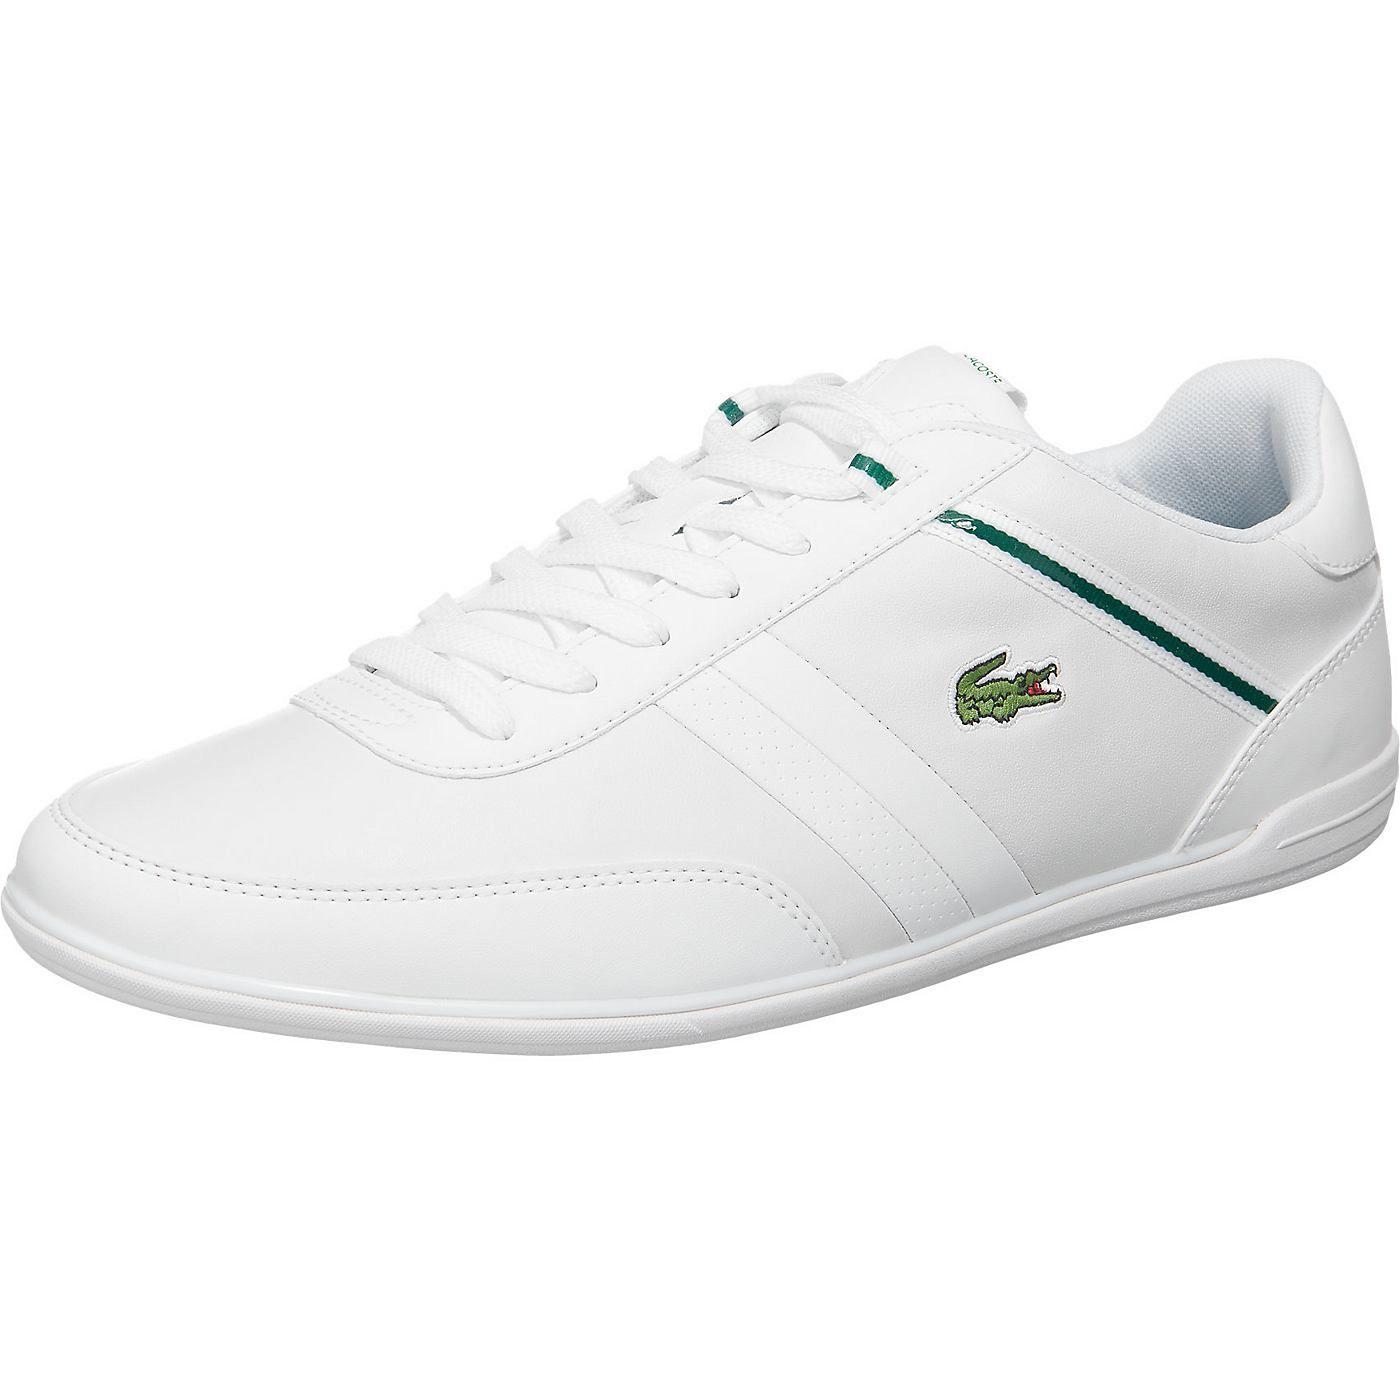 79d288eda7bb Shoes men · Die LACOSTE Giron HTB SPM Sneakers sind aus  Echtleder-Obermaterial gefertigt. Sie sind mit